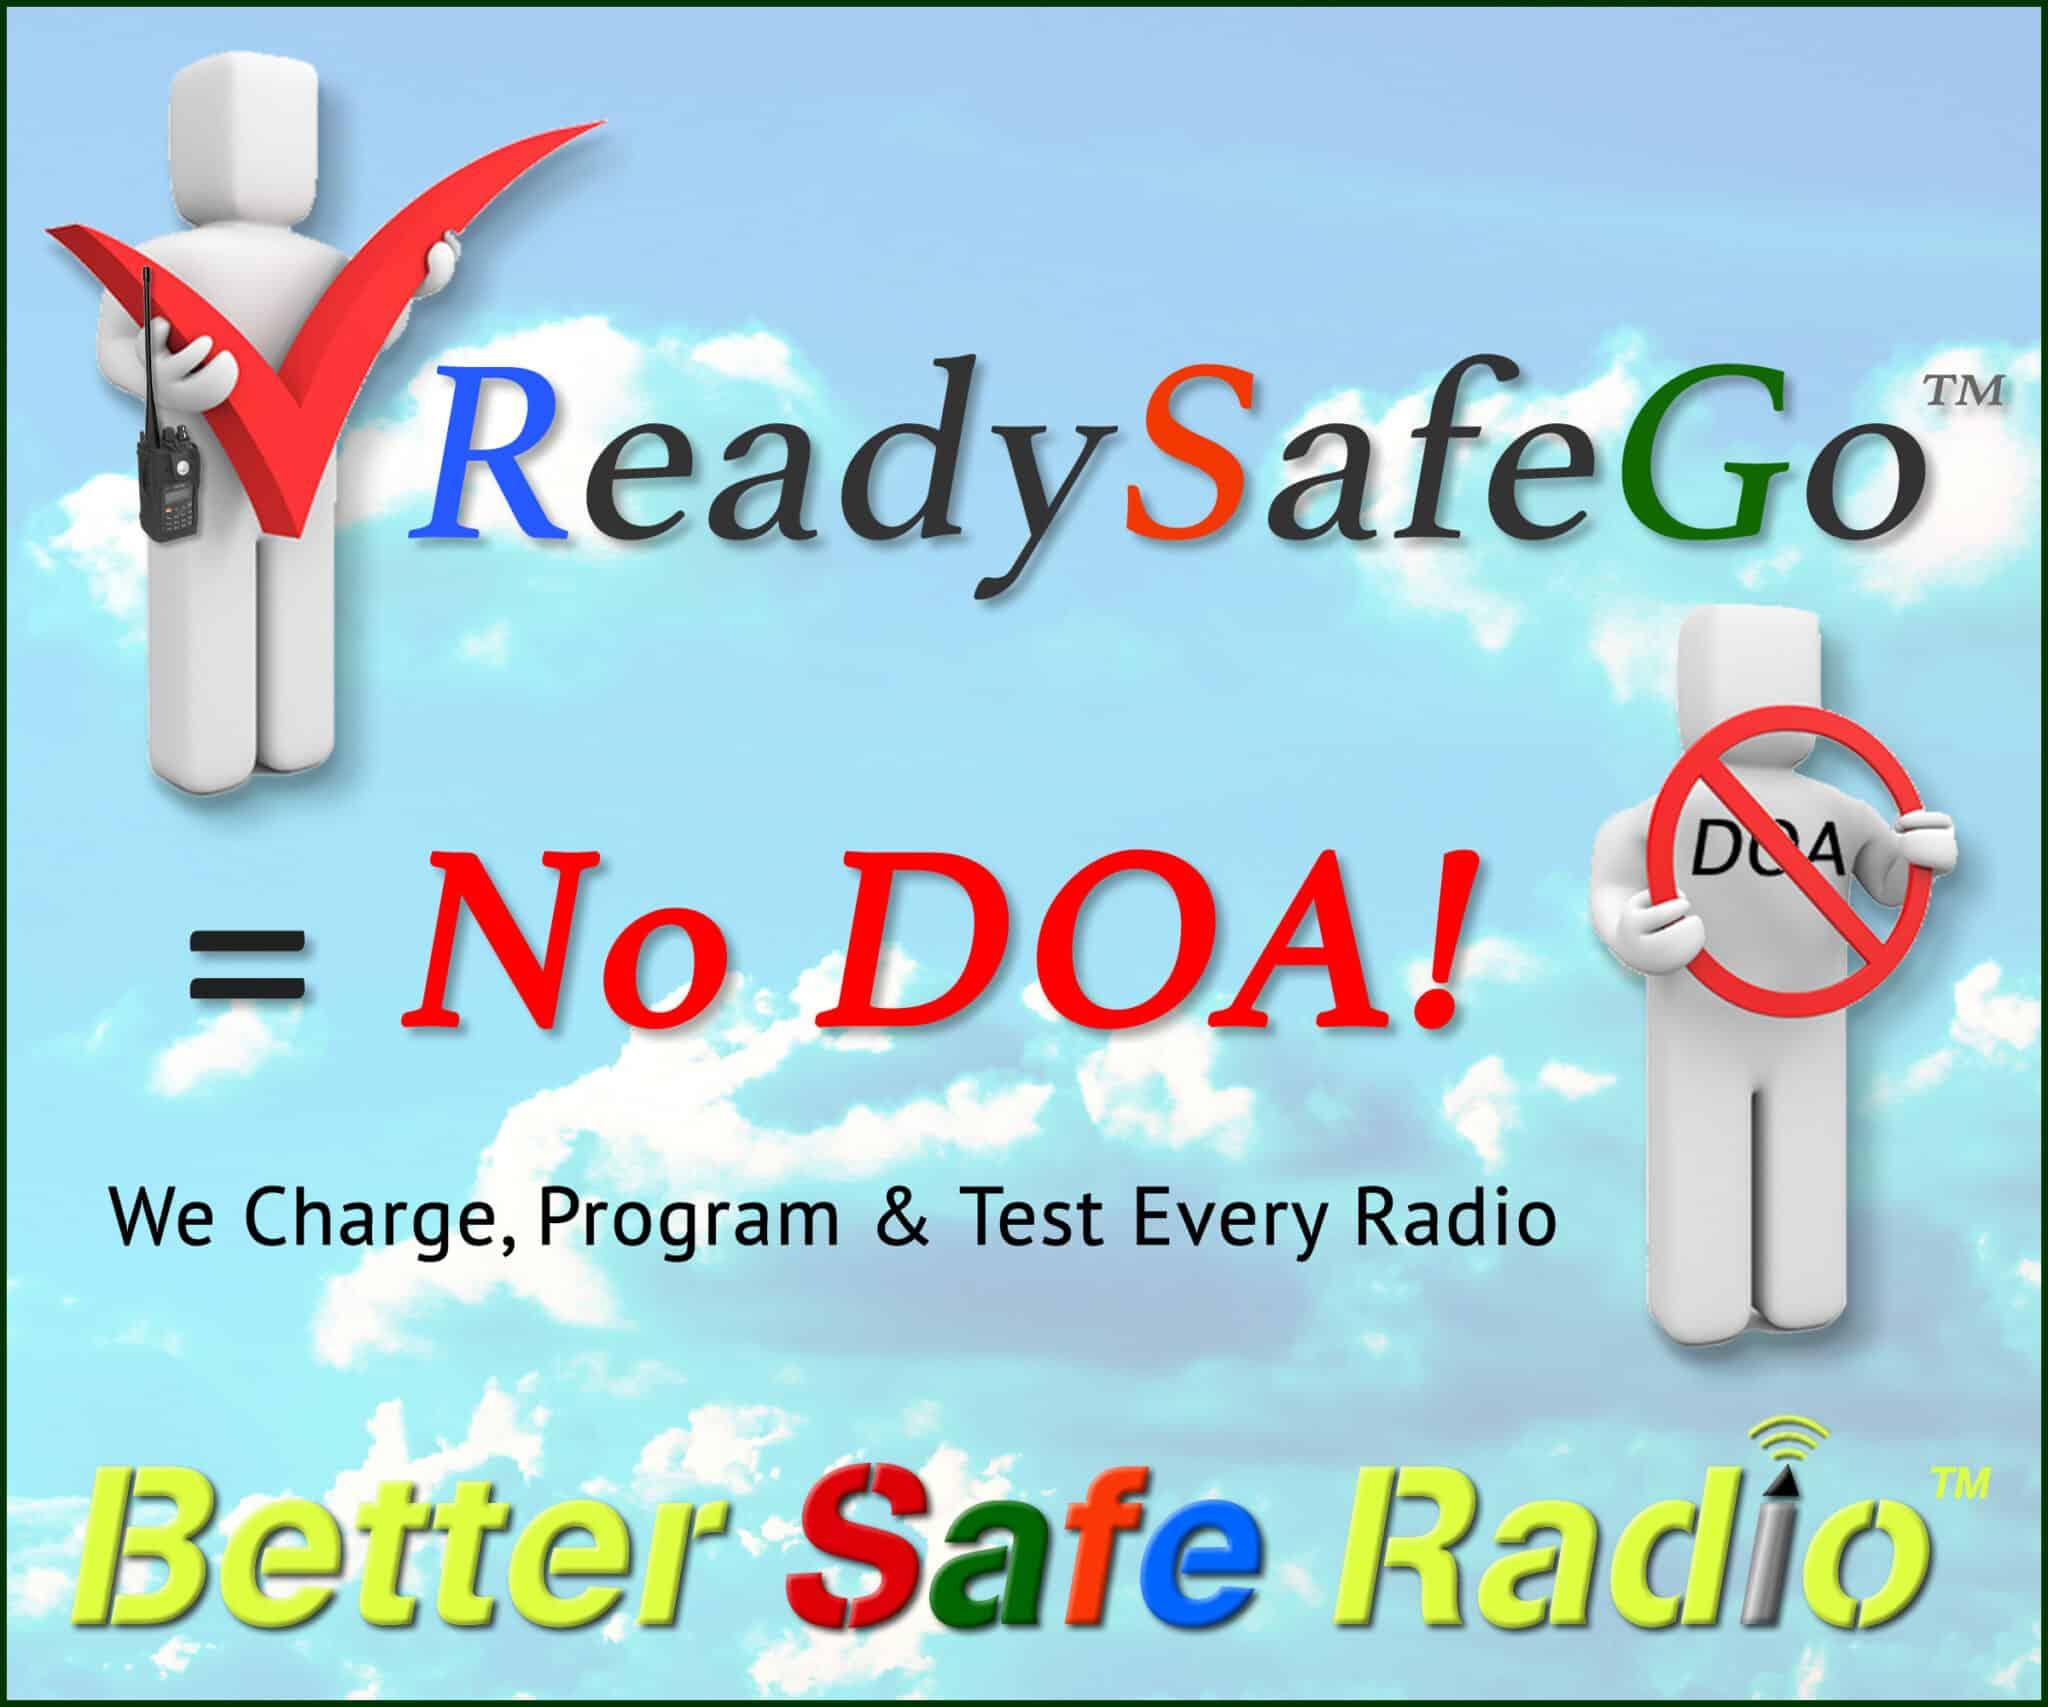 ReadySafeGo = No DOA!